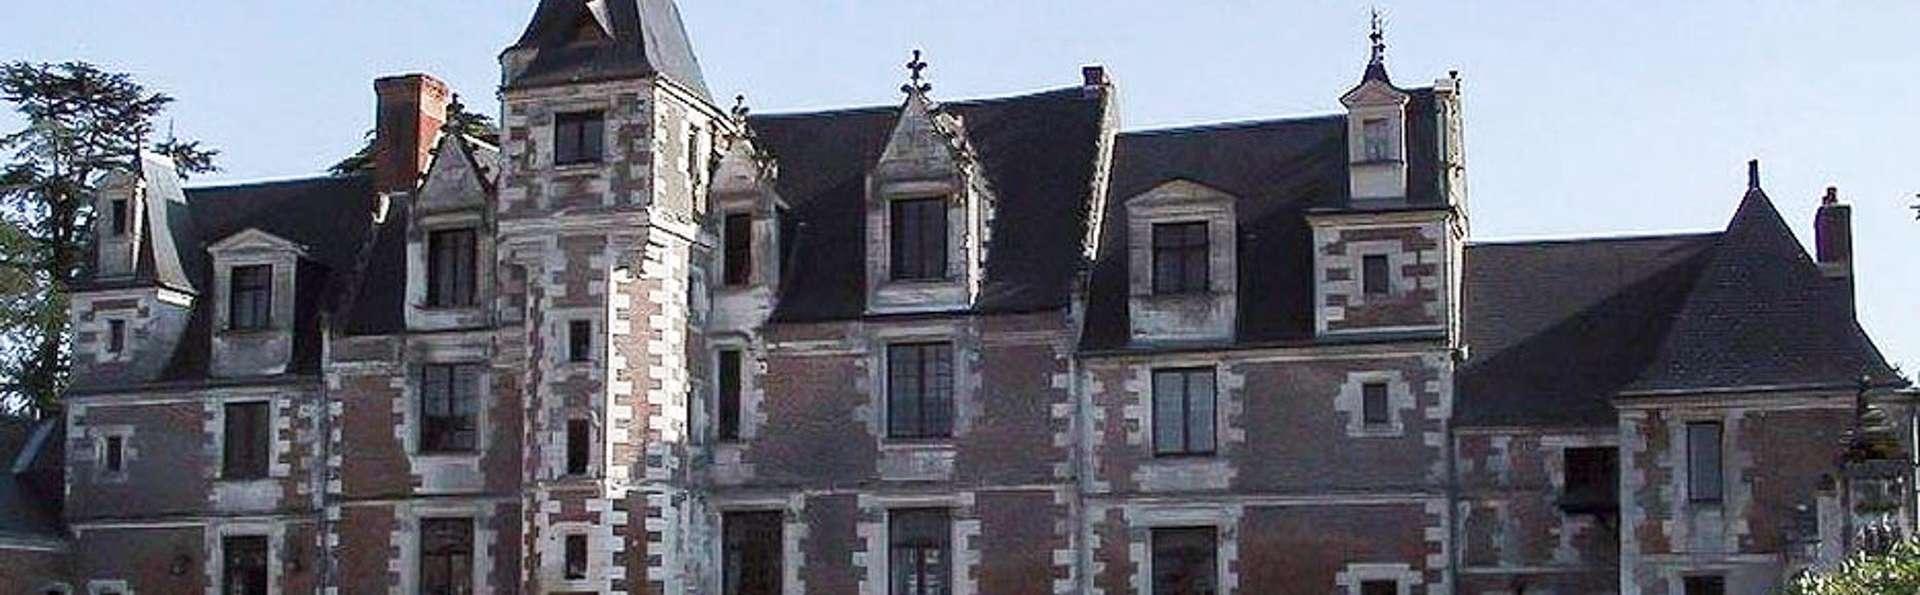 Château de Jallanges - EDIT_WEB_FRONT_03.jpg